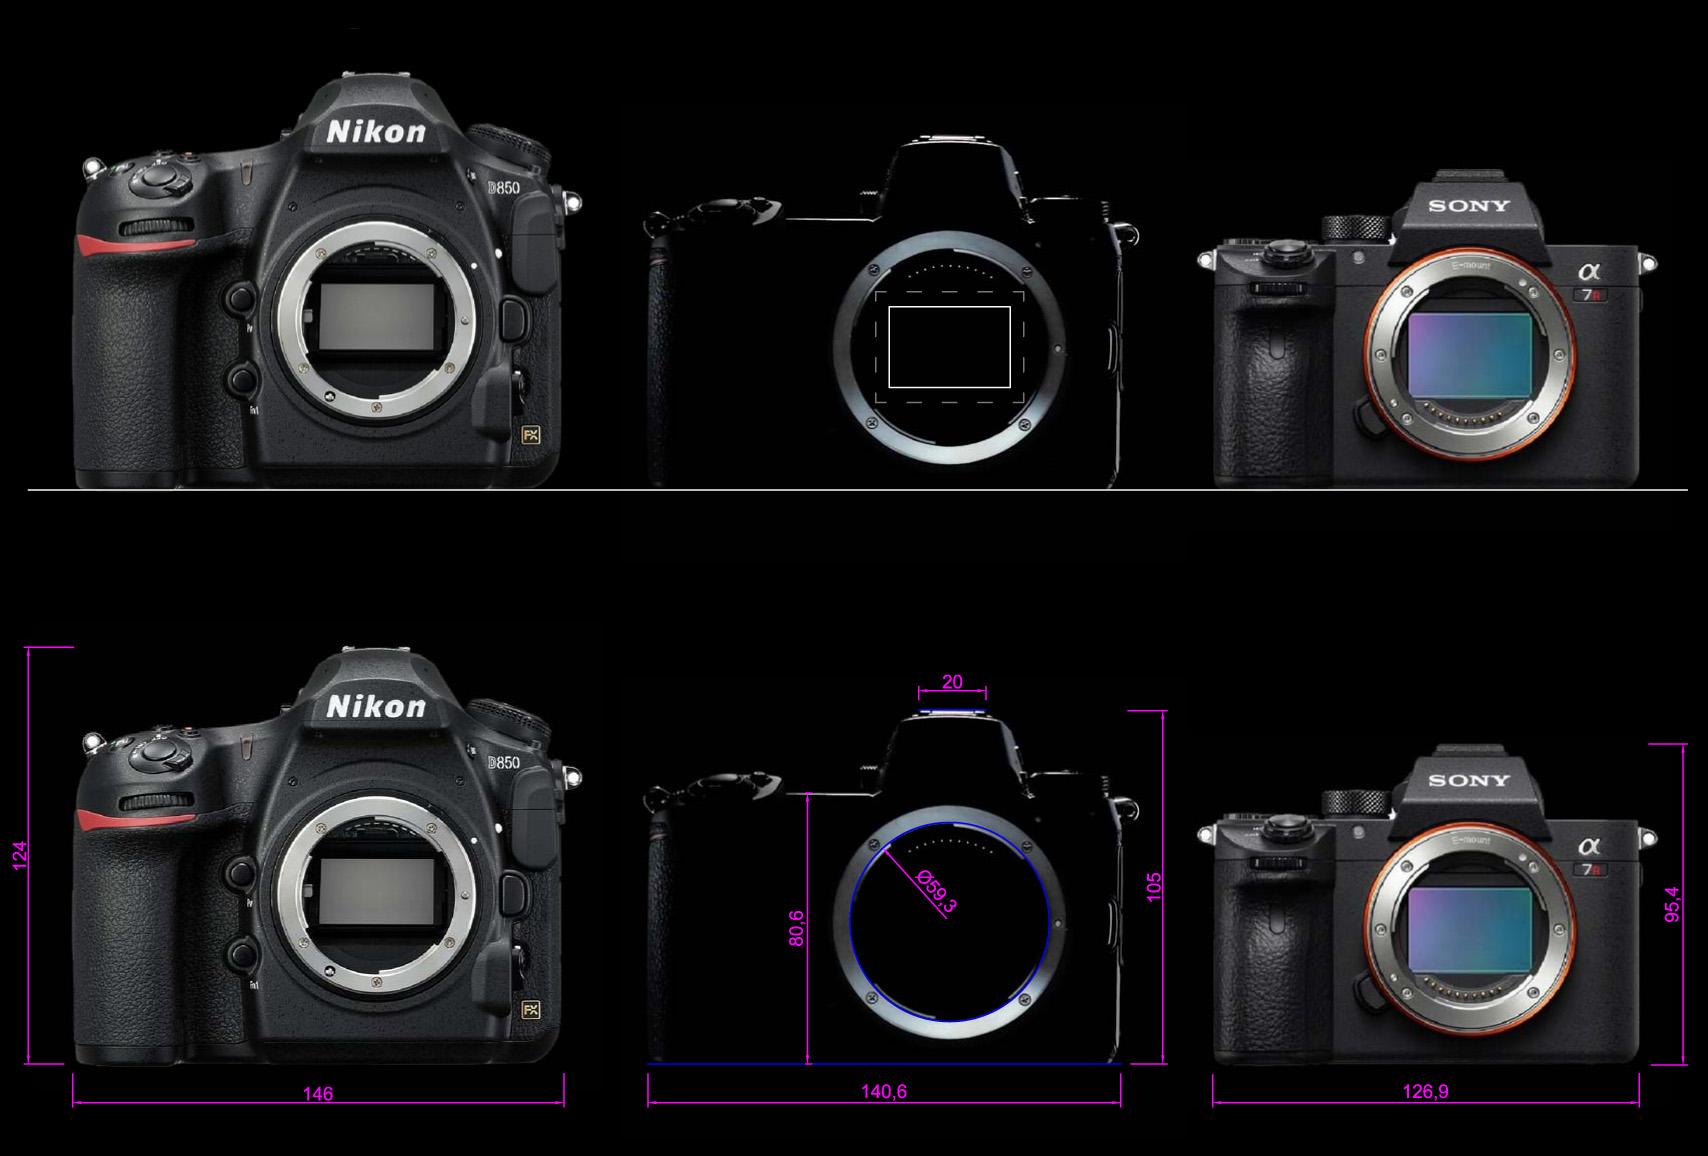 Nikon mirrorless camera rumors: THE BIG RECAP - Nikon Rumors